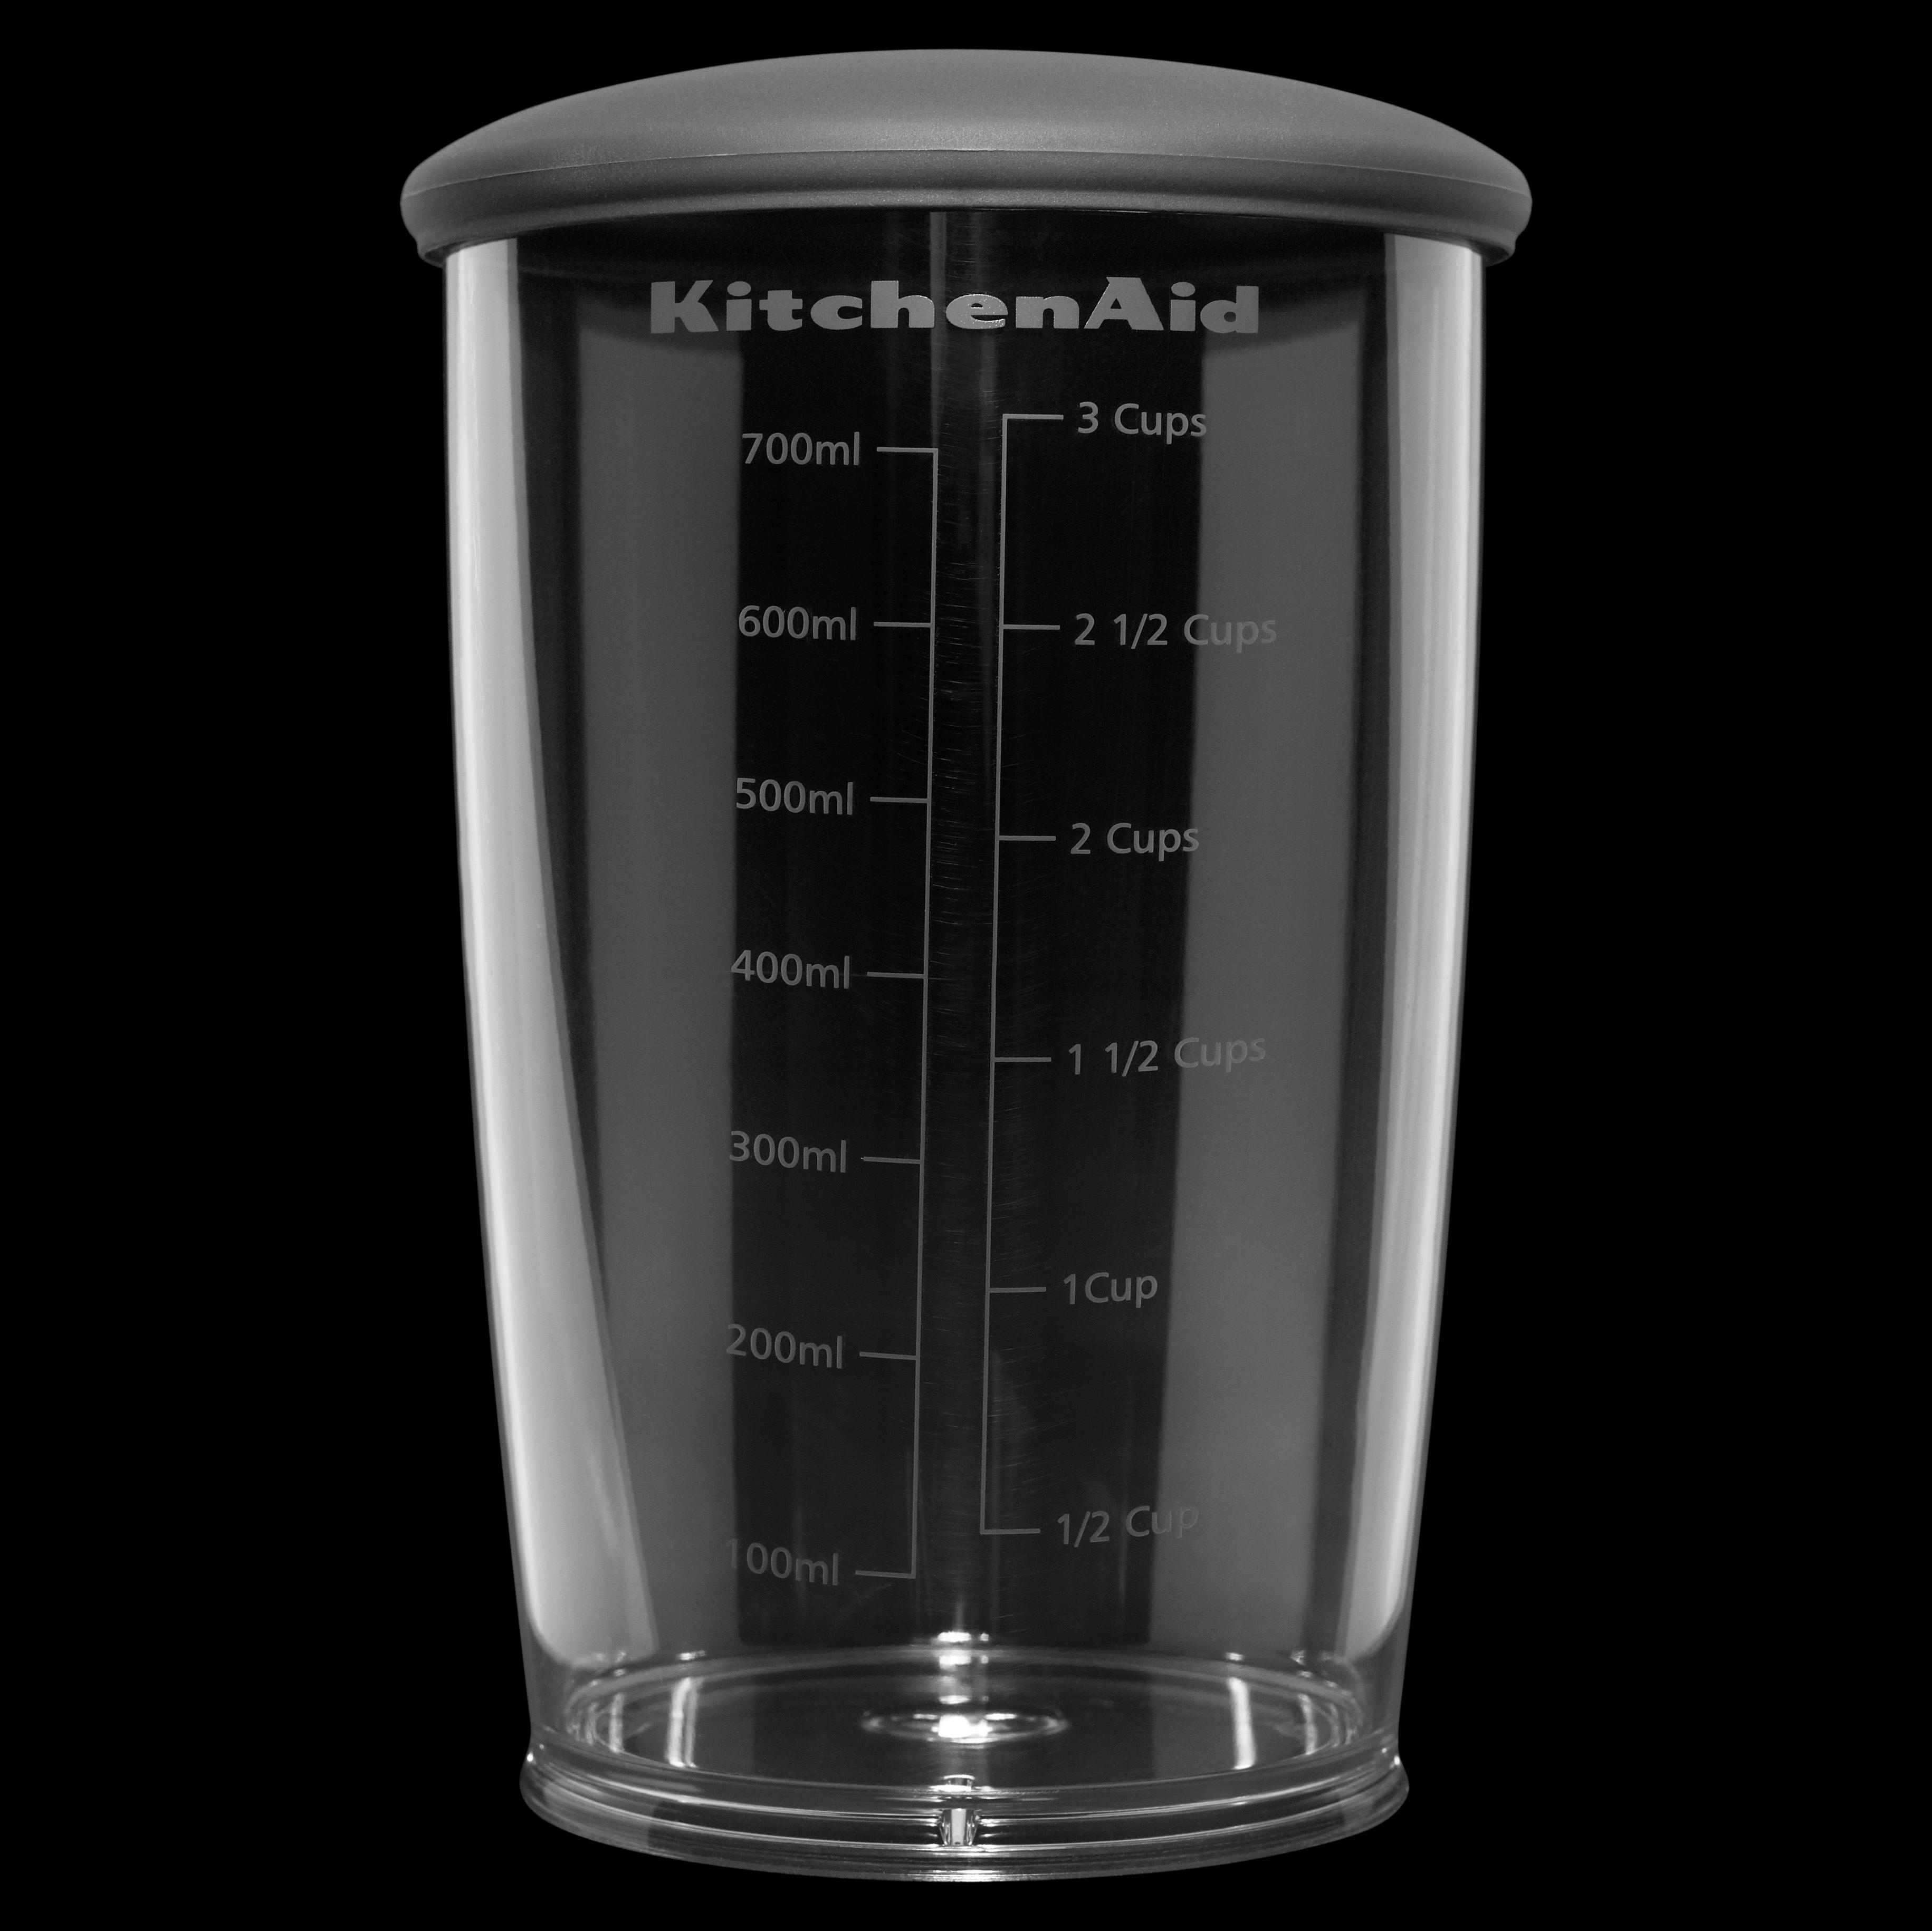 Kitchenaid Khb1231cu 2 Speed Immersion Blender Contour